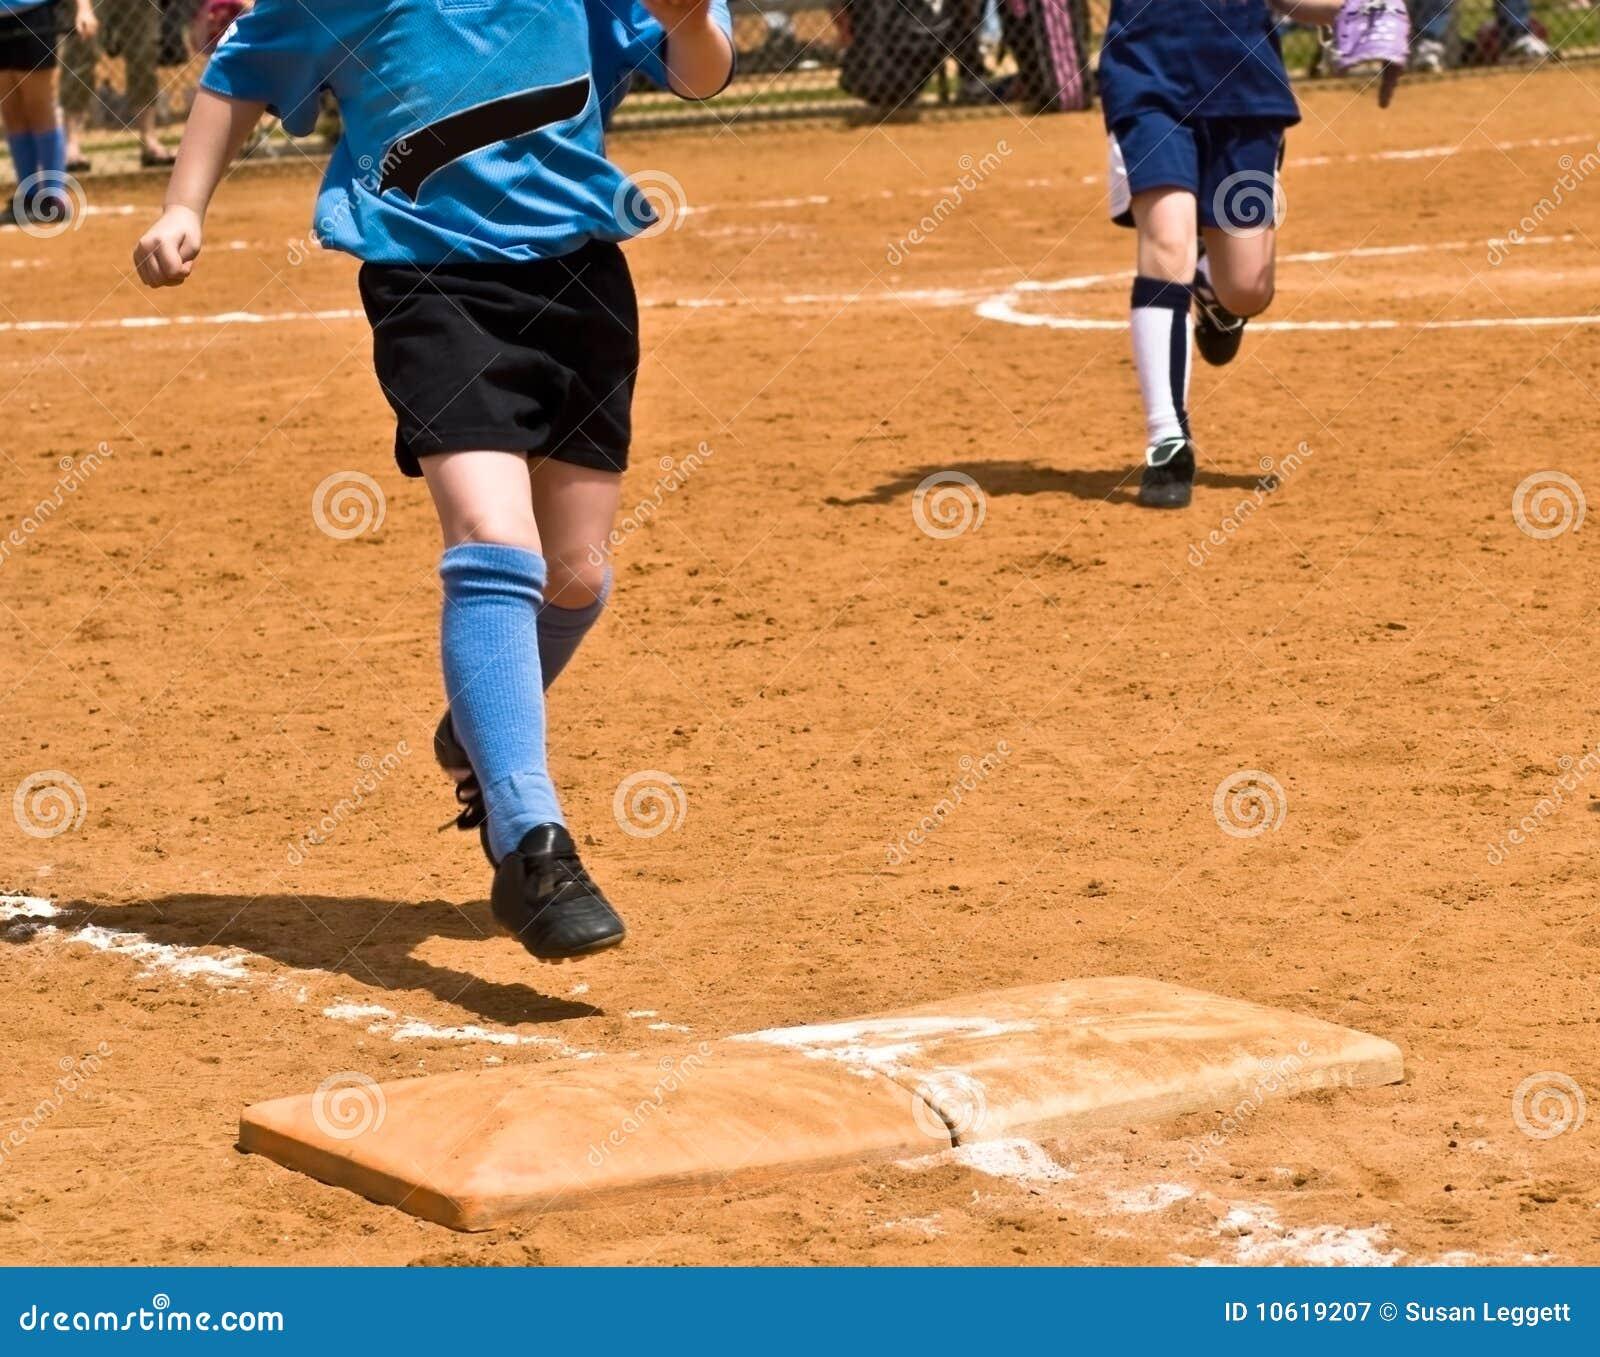 Girl runs the bases at baseball field 10